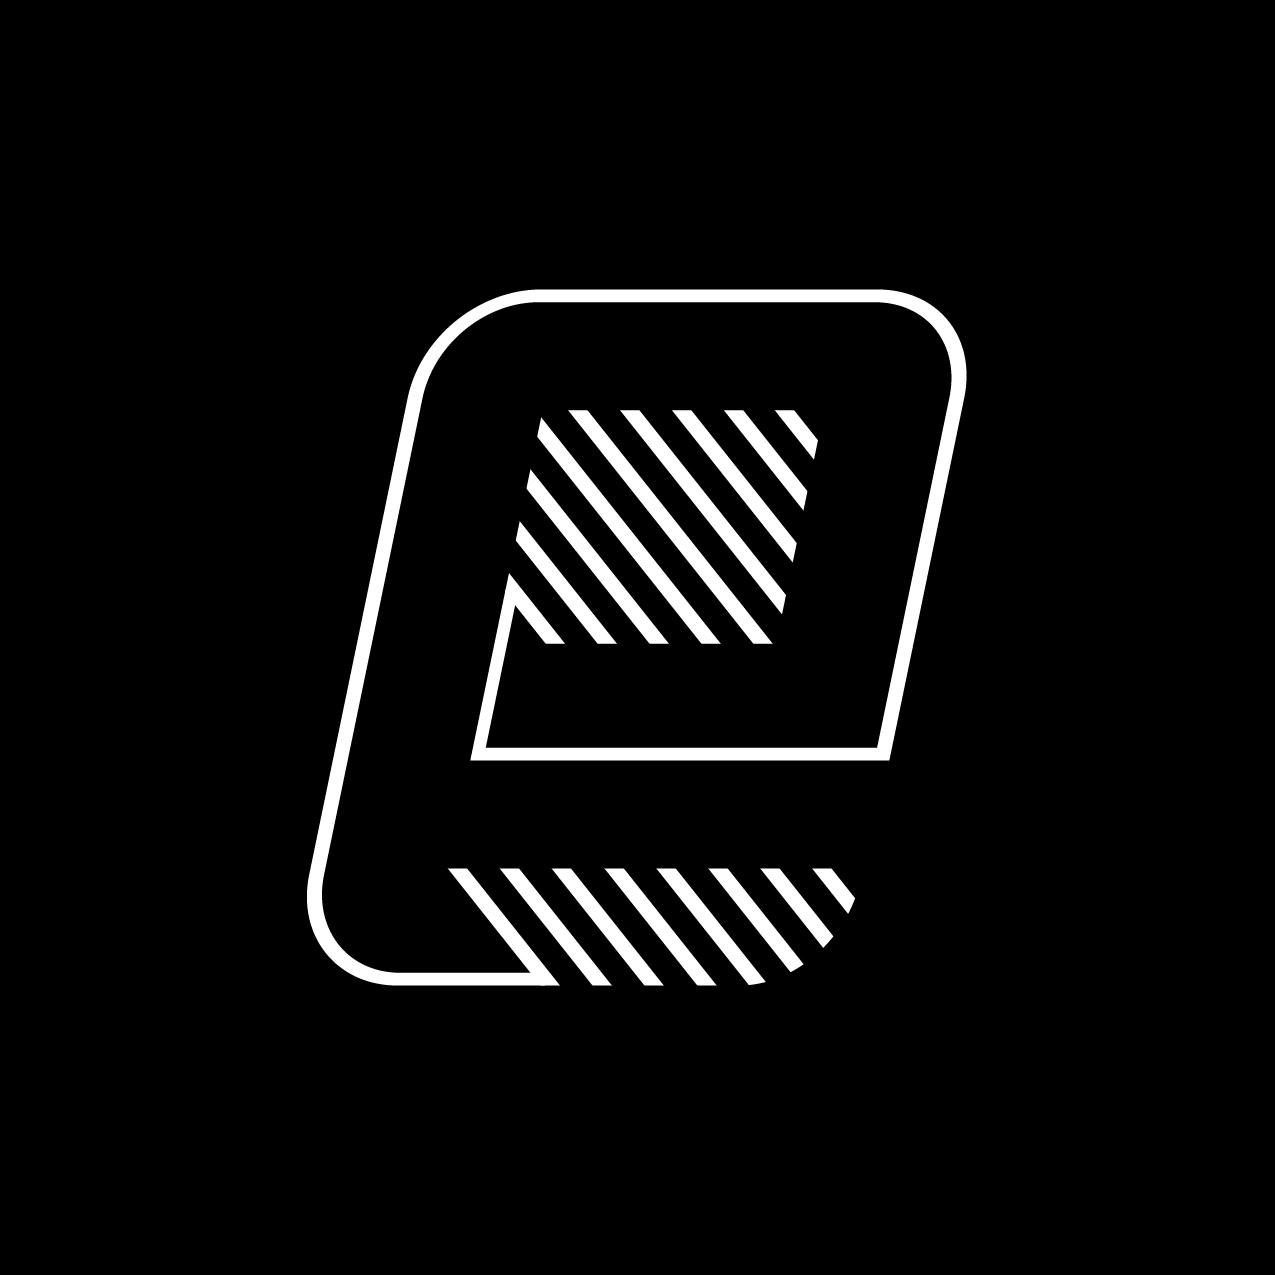 Letter E10 design by Furia